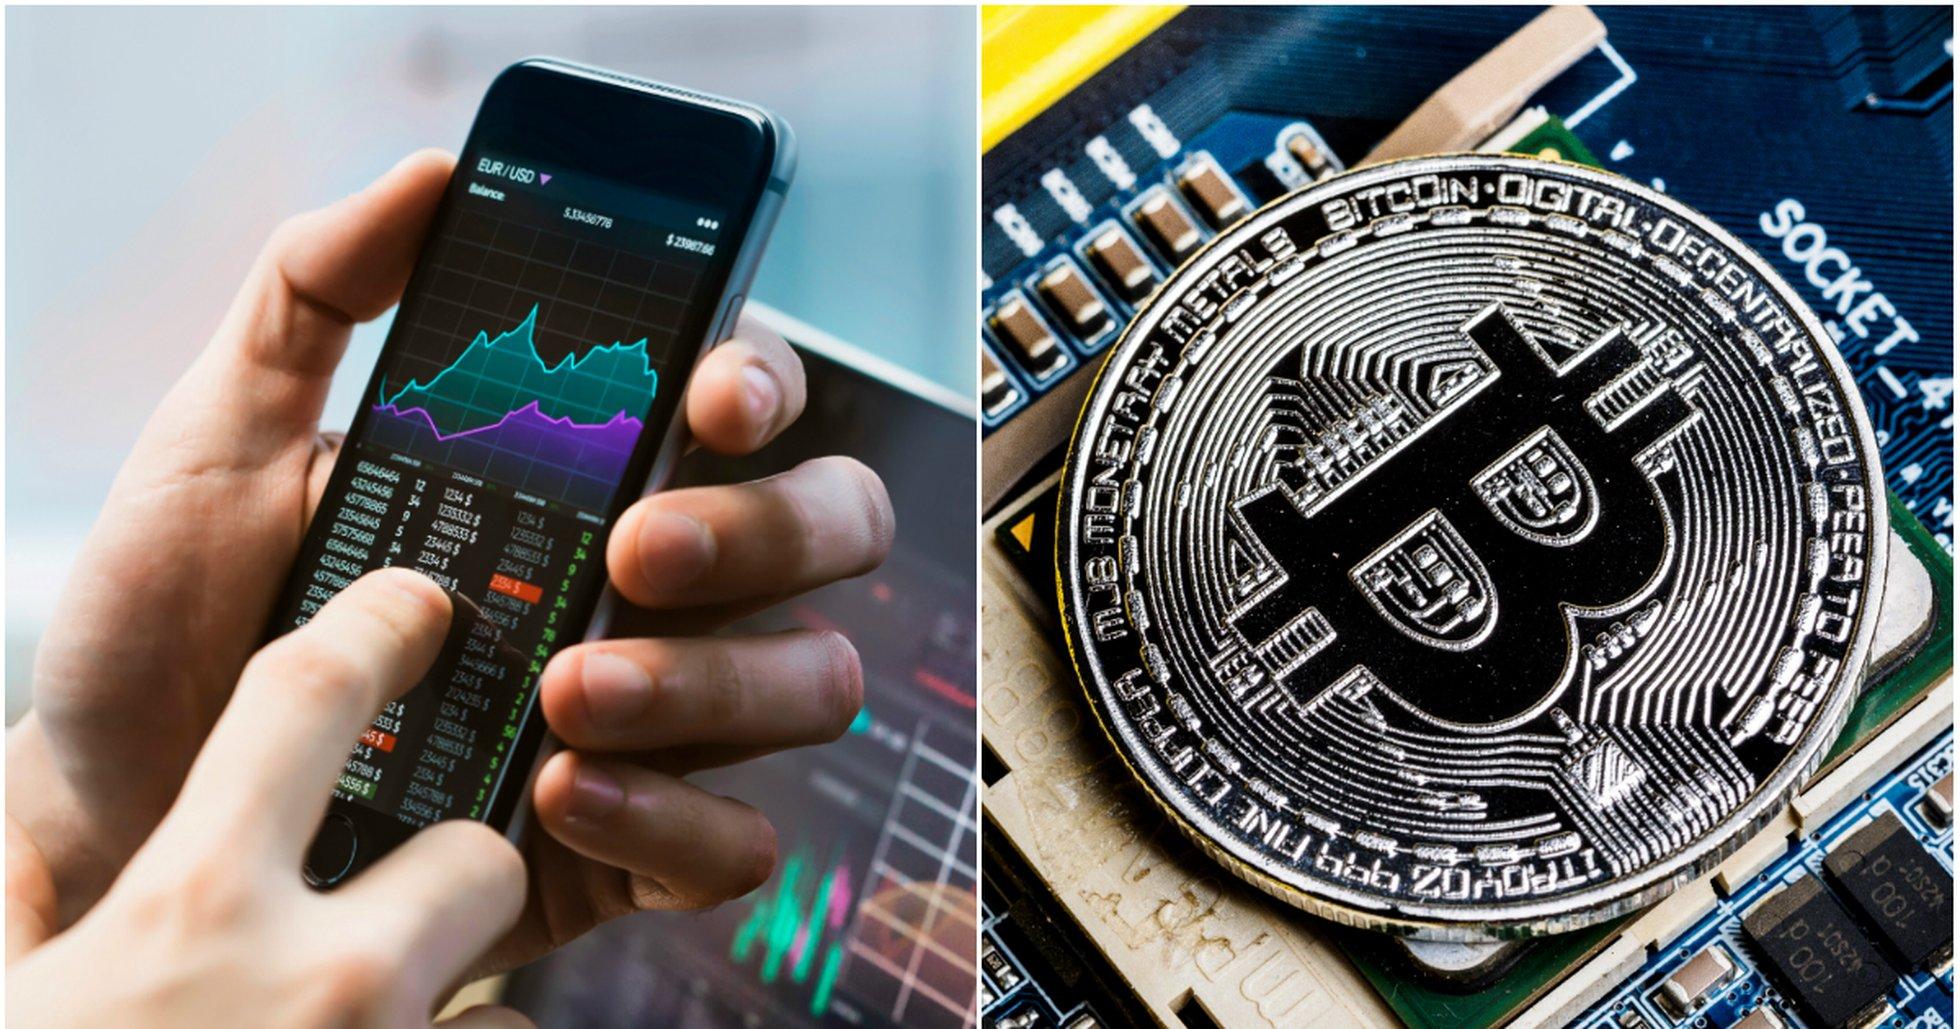 Ny rapport: Under 2018 skapades 15,4 miljarder dollar i nytt kryptovärde.